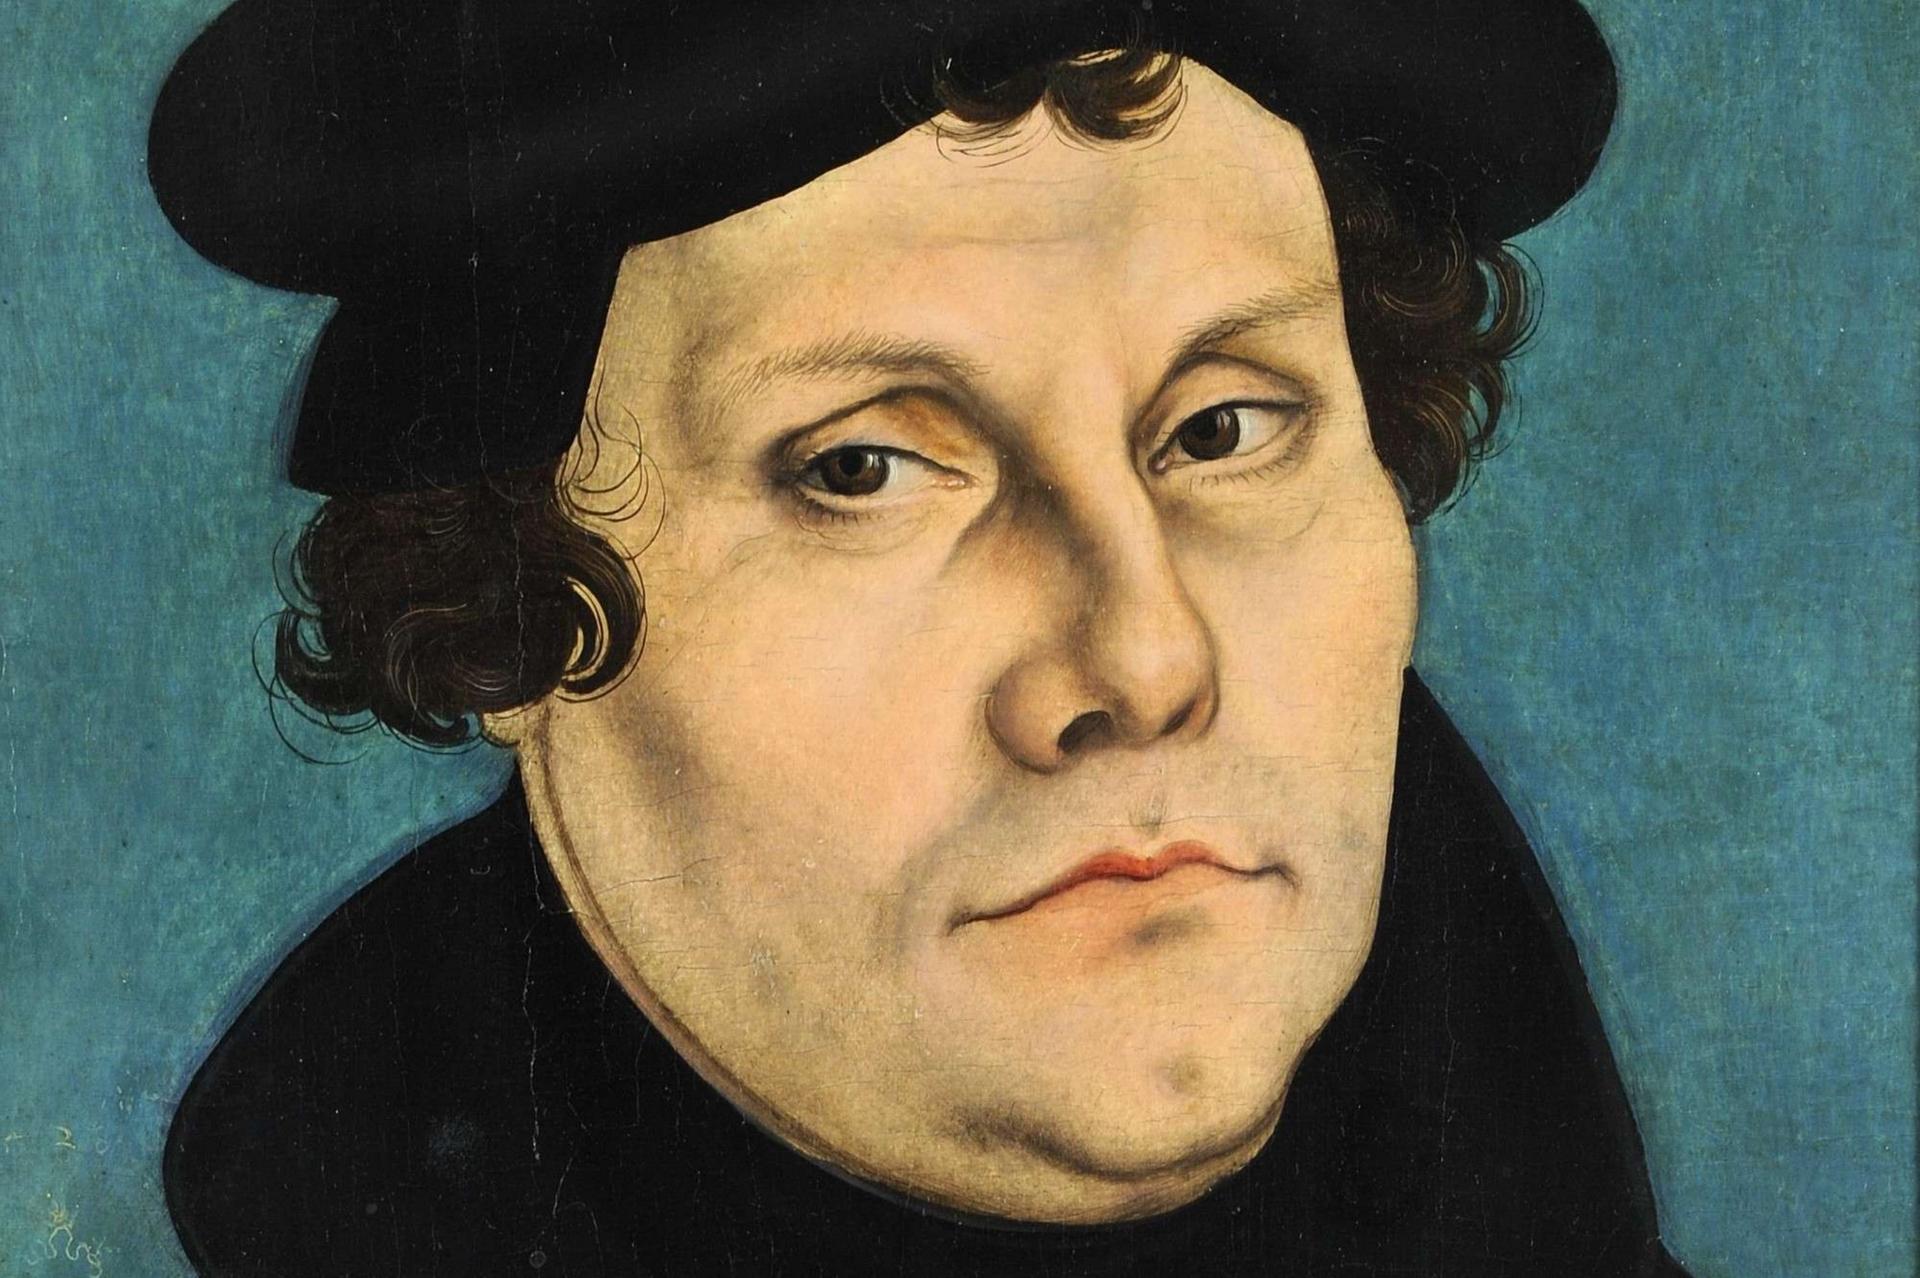 Un ritratto di Martin Lutero di Lucas Cranach, 1528 (Wikimedia Commons)